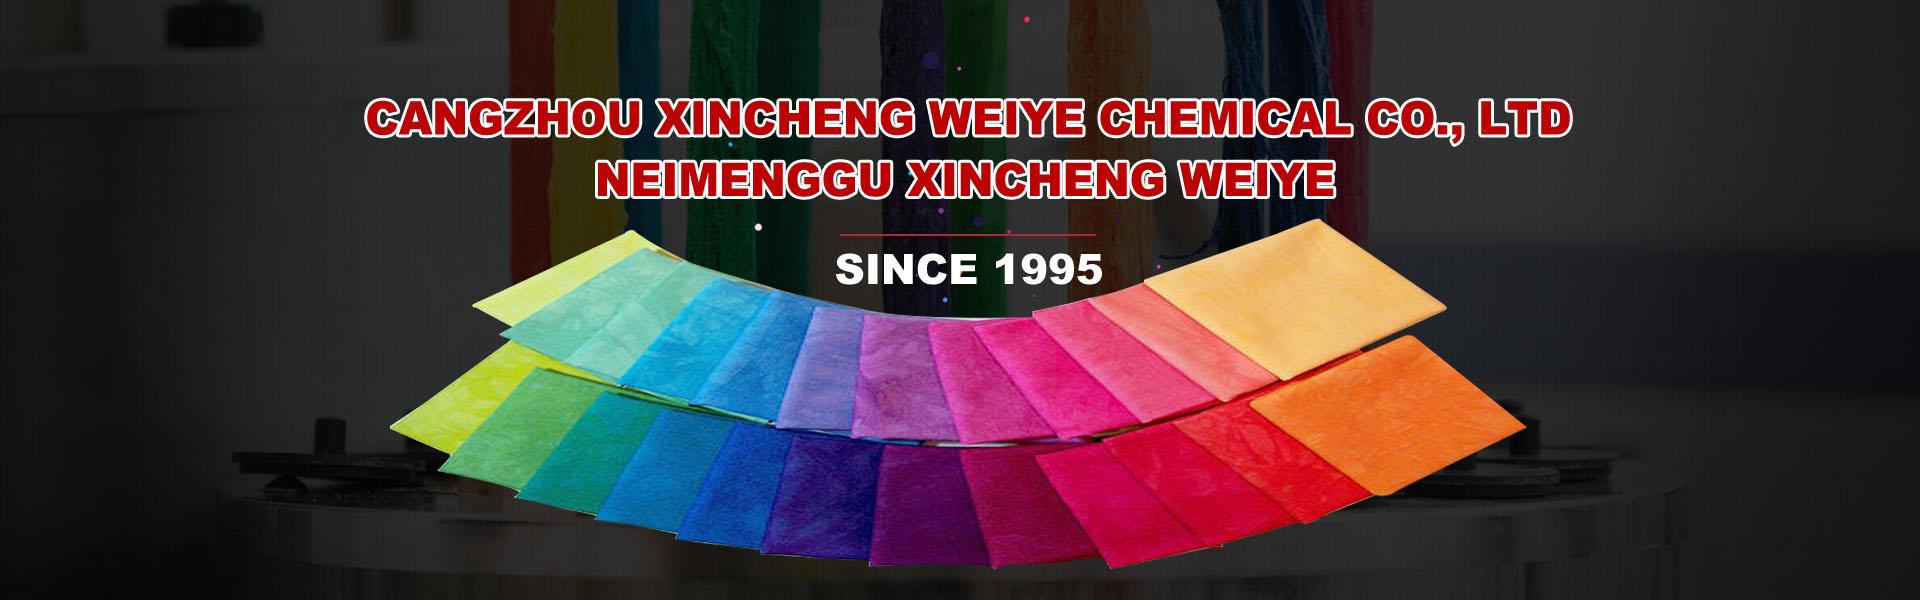 papar dyes supplier